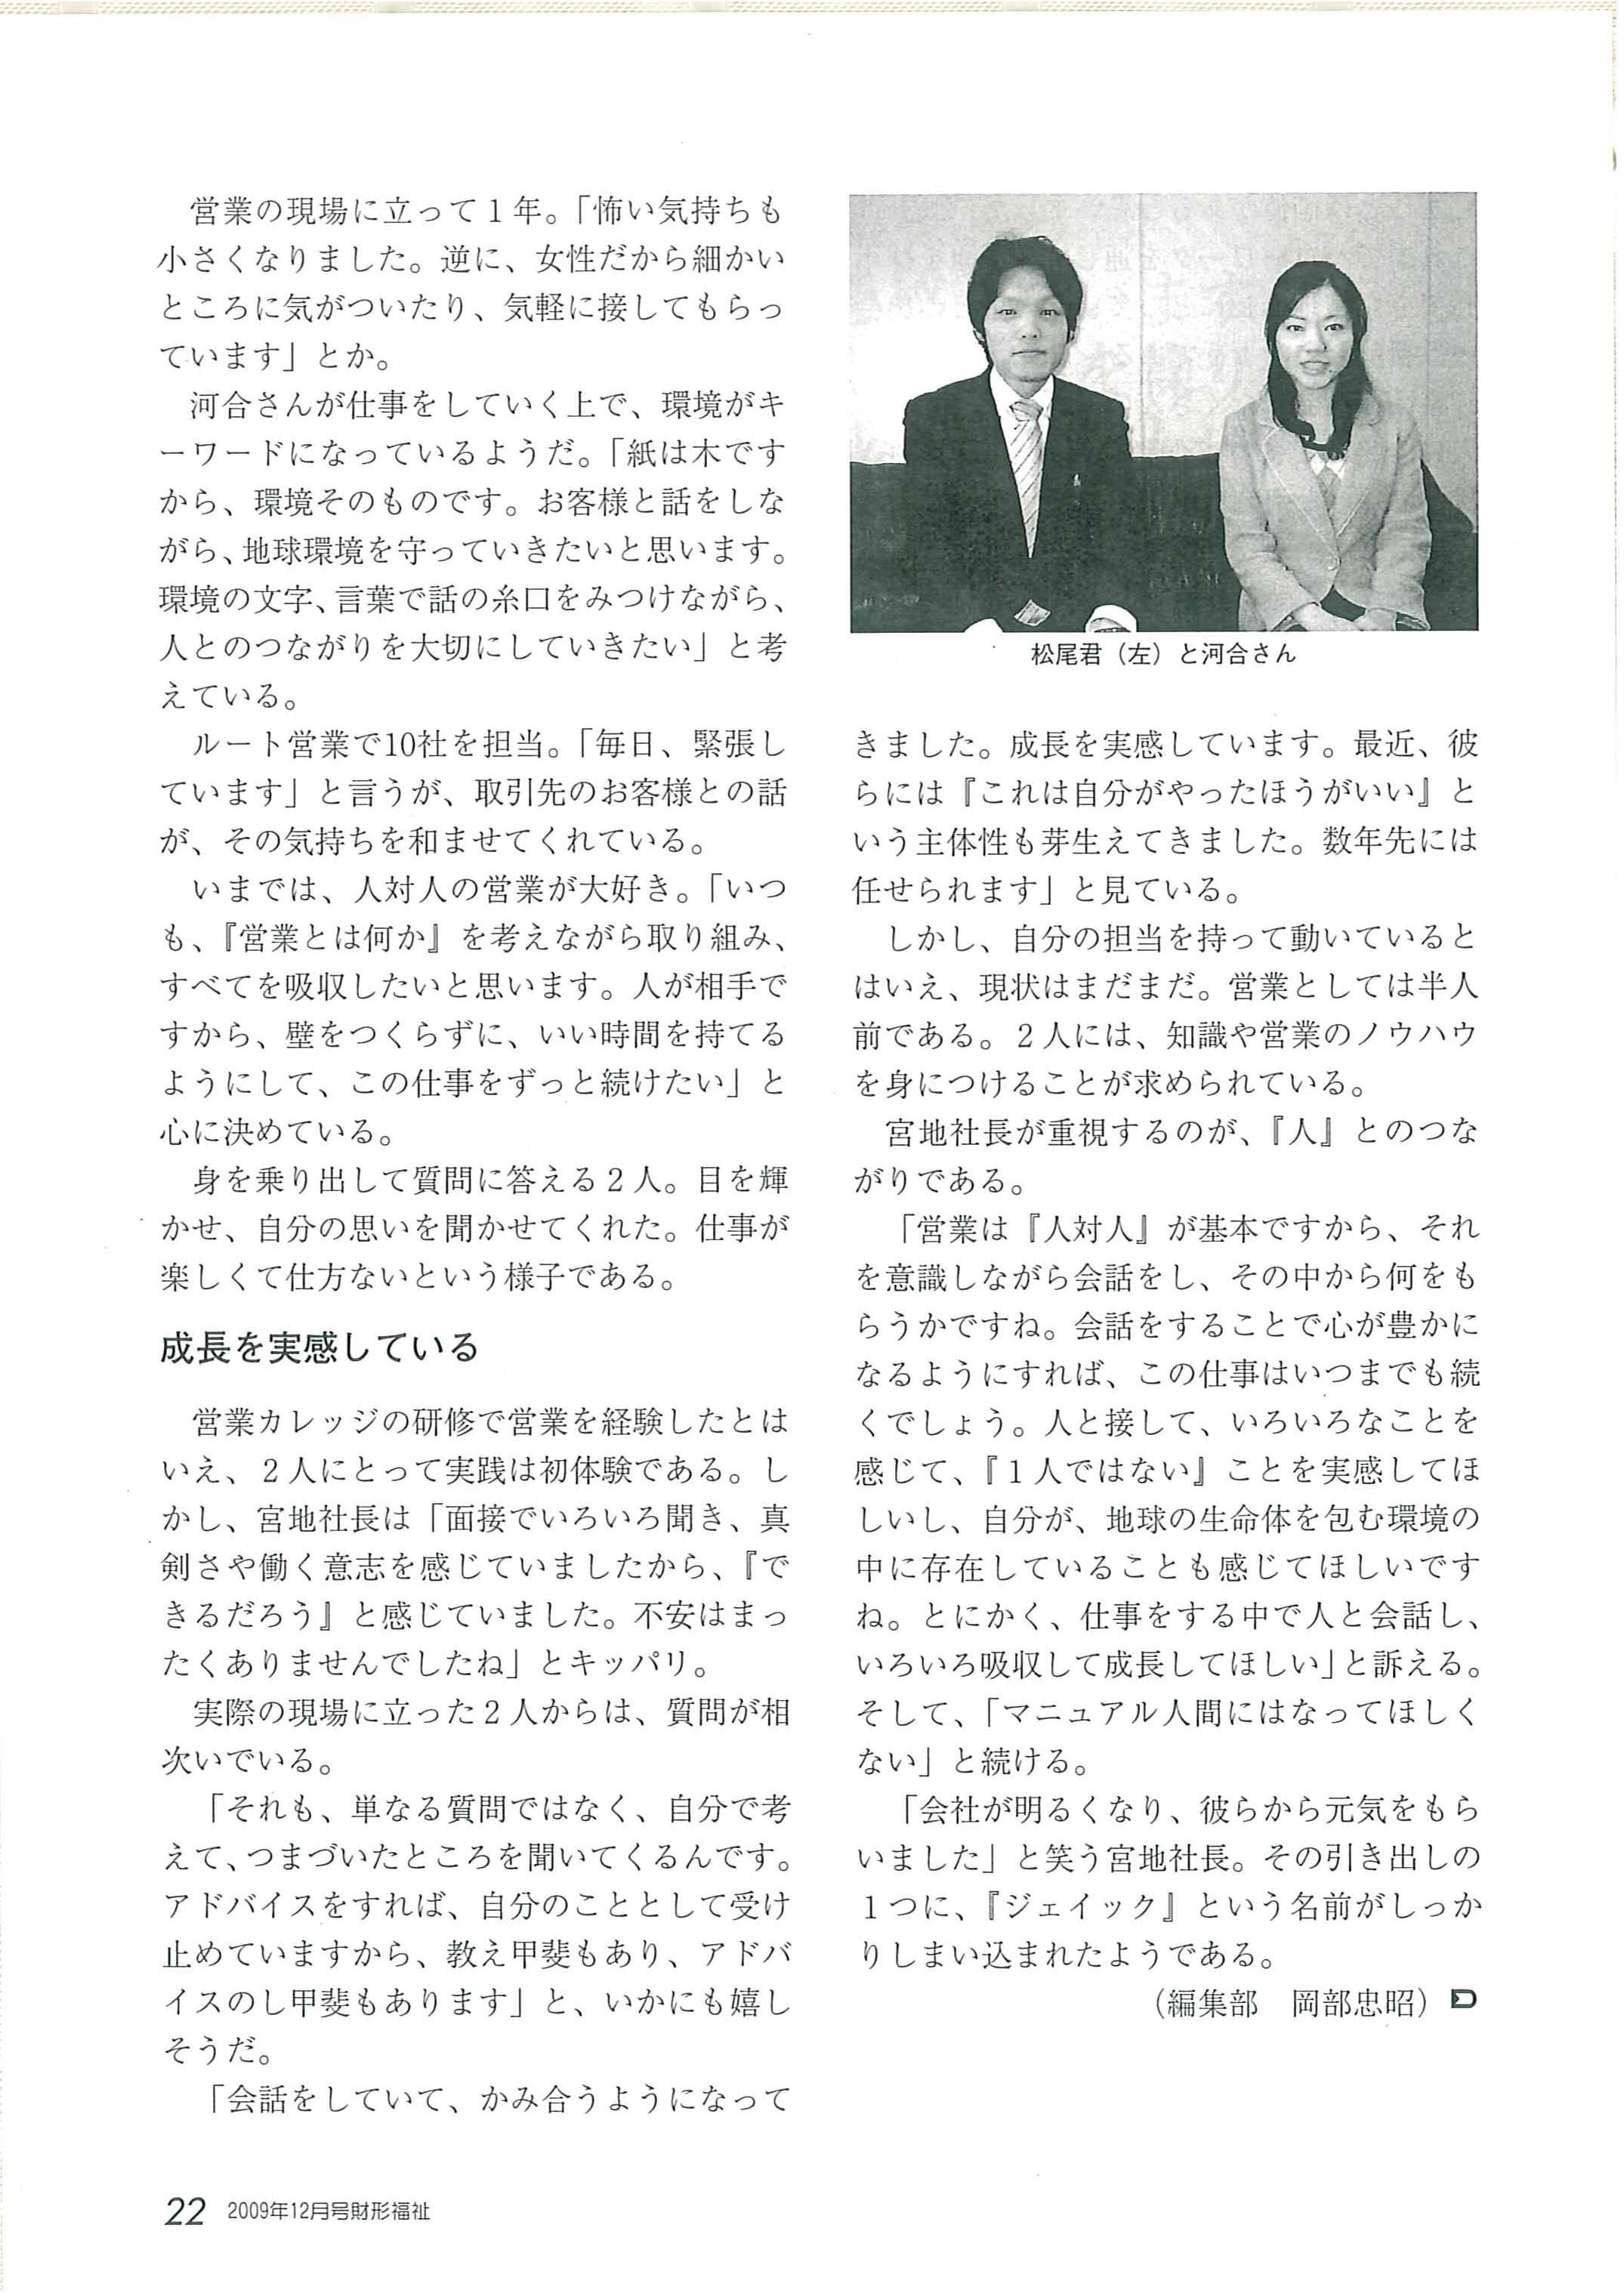 財形福祉 2009年12月号3ページ